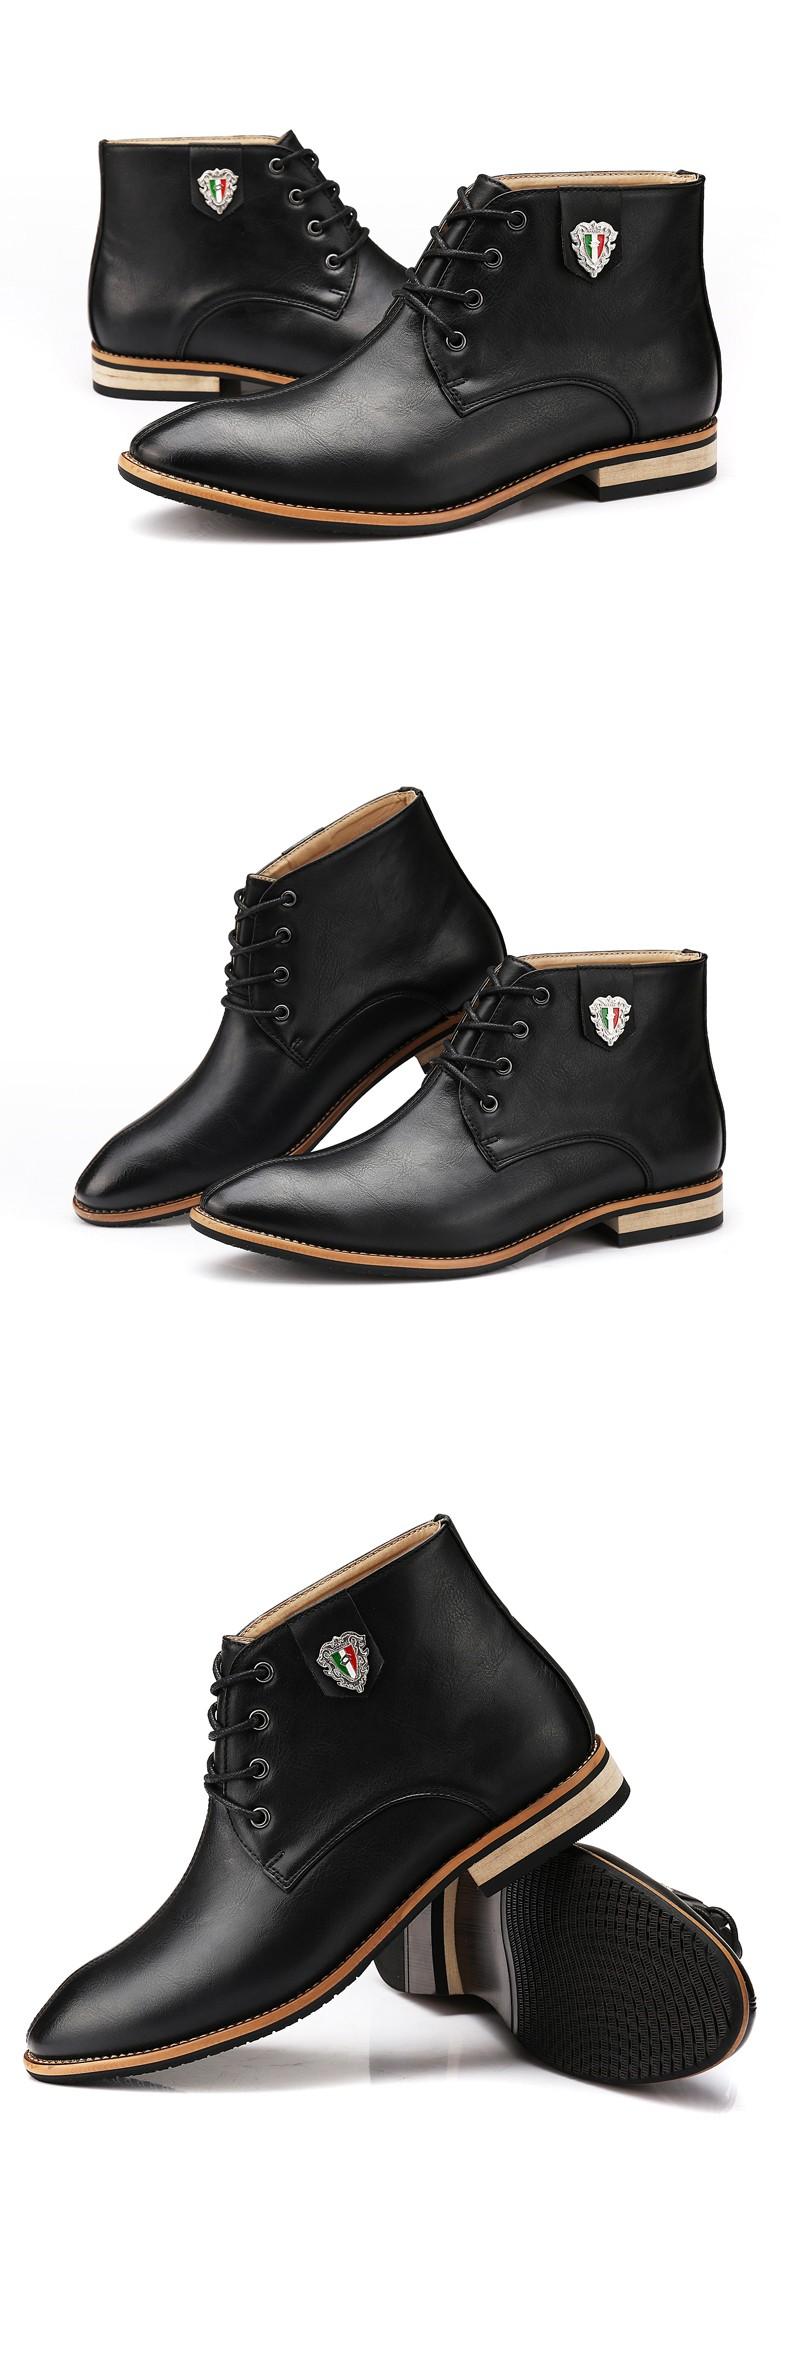 Botas de cuero negro para hombre zapatos de vestir for Diseno de zapatos